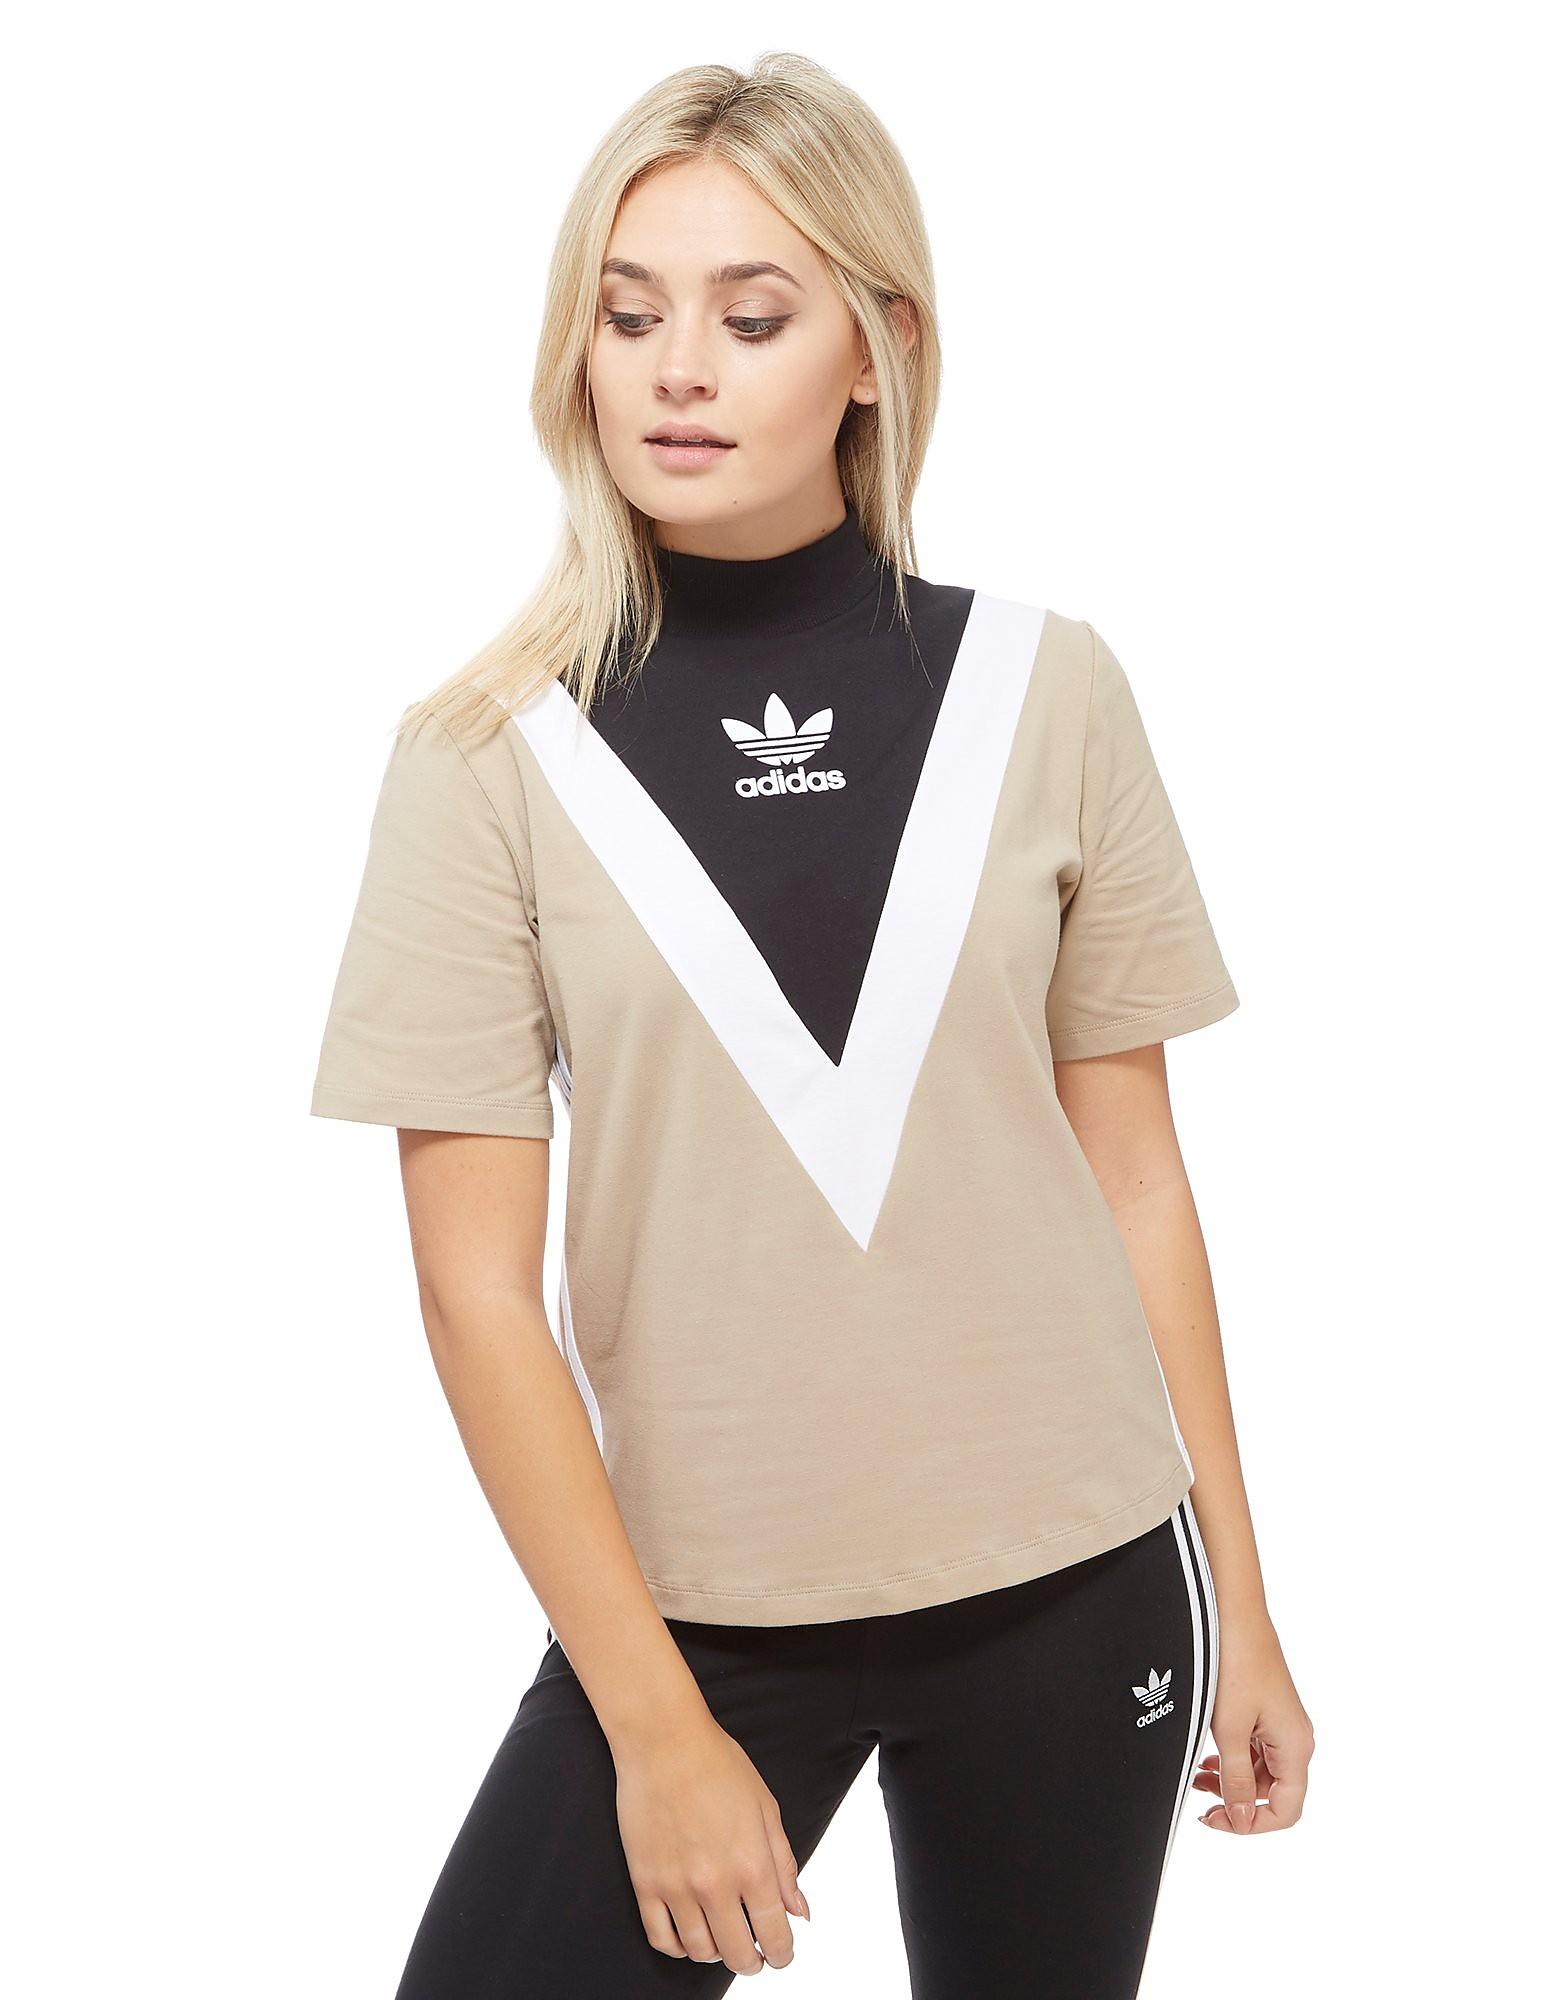 adidas Originals camiseta High Neck Chevron